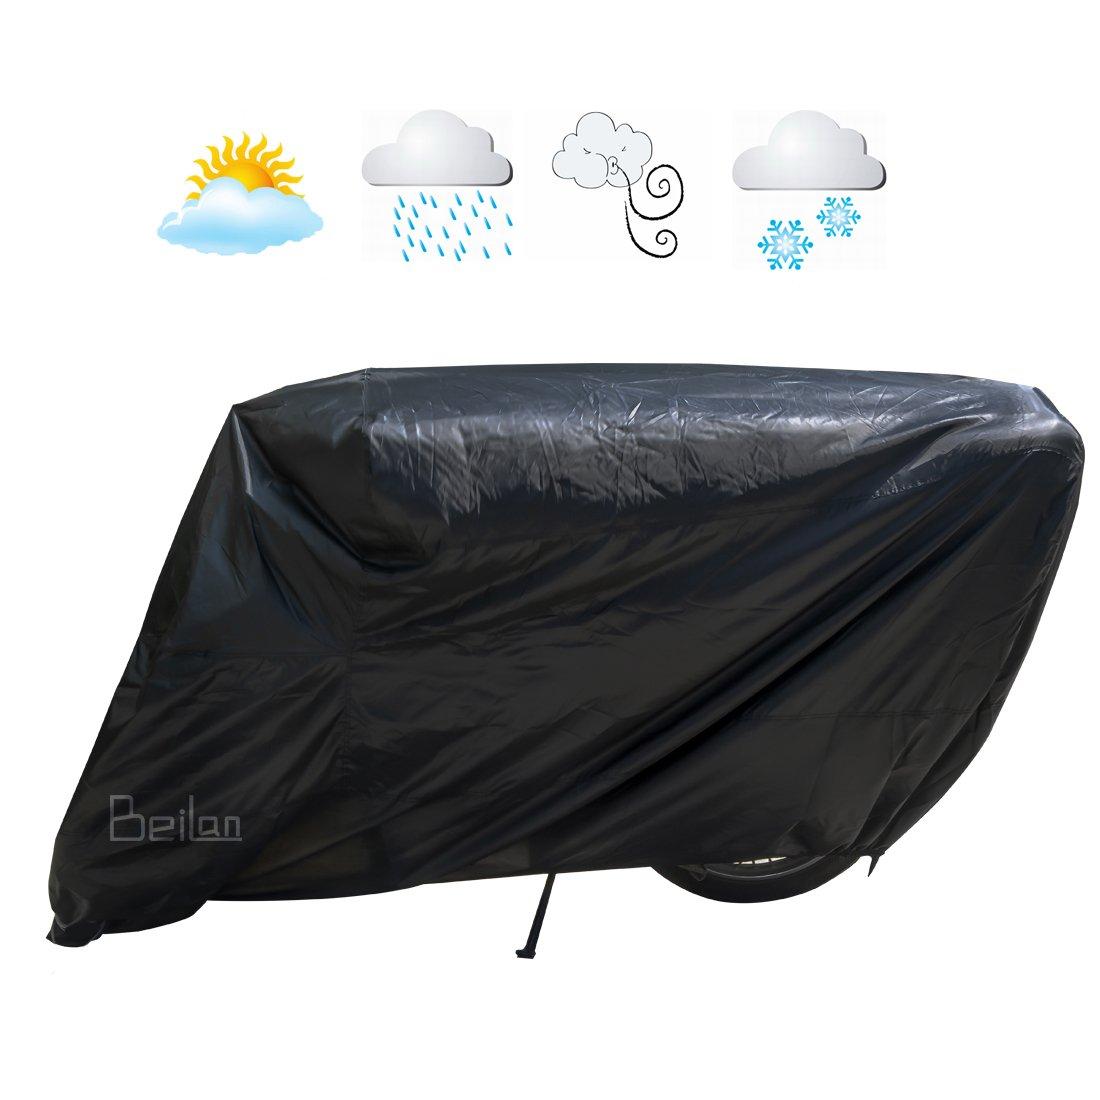 Noir Housse pour moto Pare-soleil imperméable à l'eau Protection UV Housse de moto Couverture de pluie de poussière avec élastiqué Hems Toute la saison en salle de plein air Protection Convi